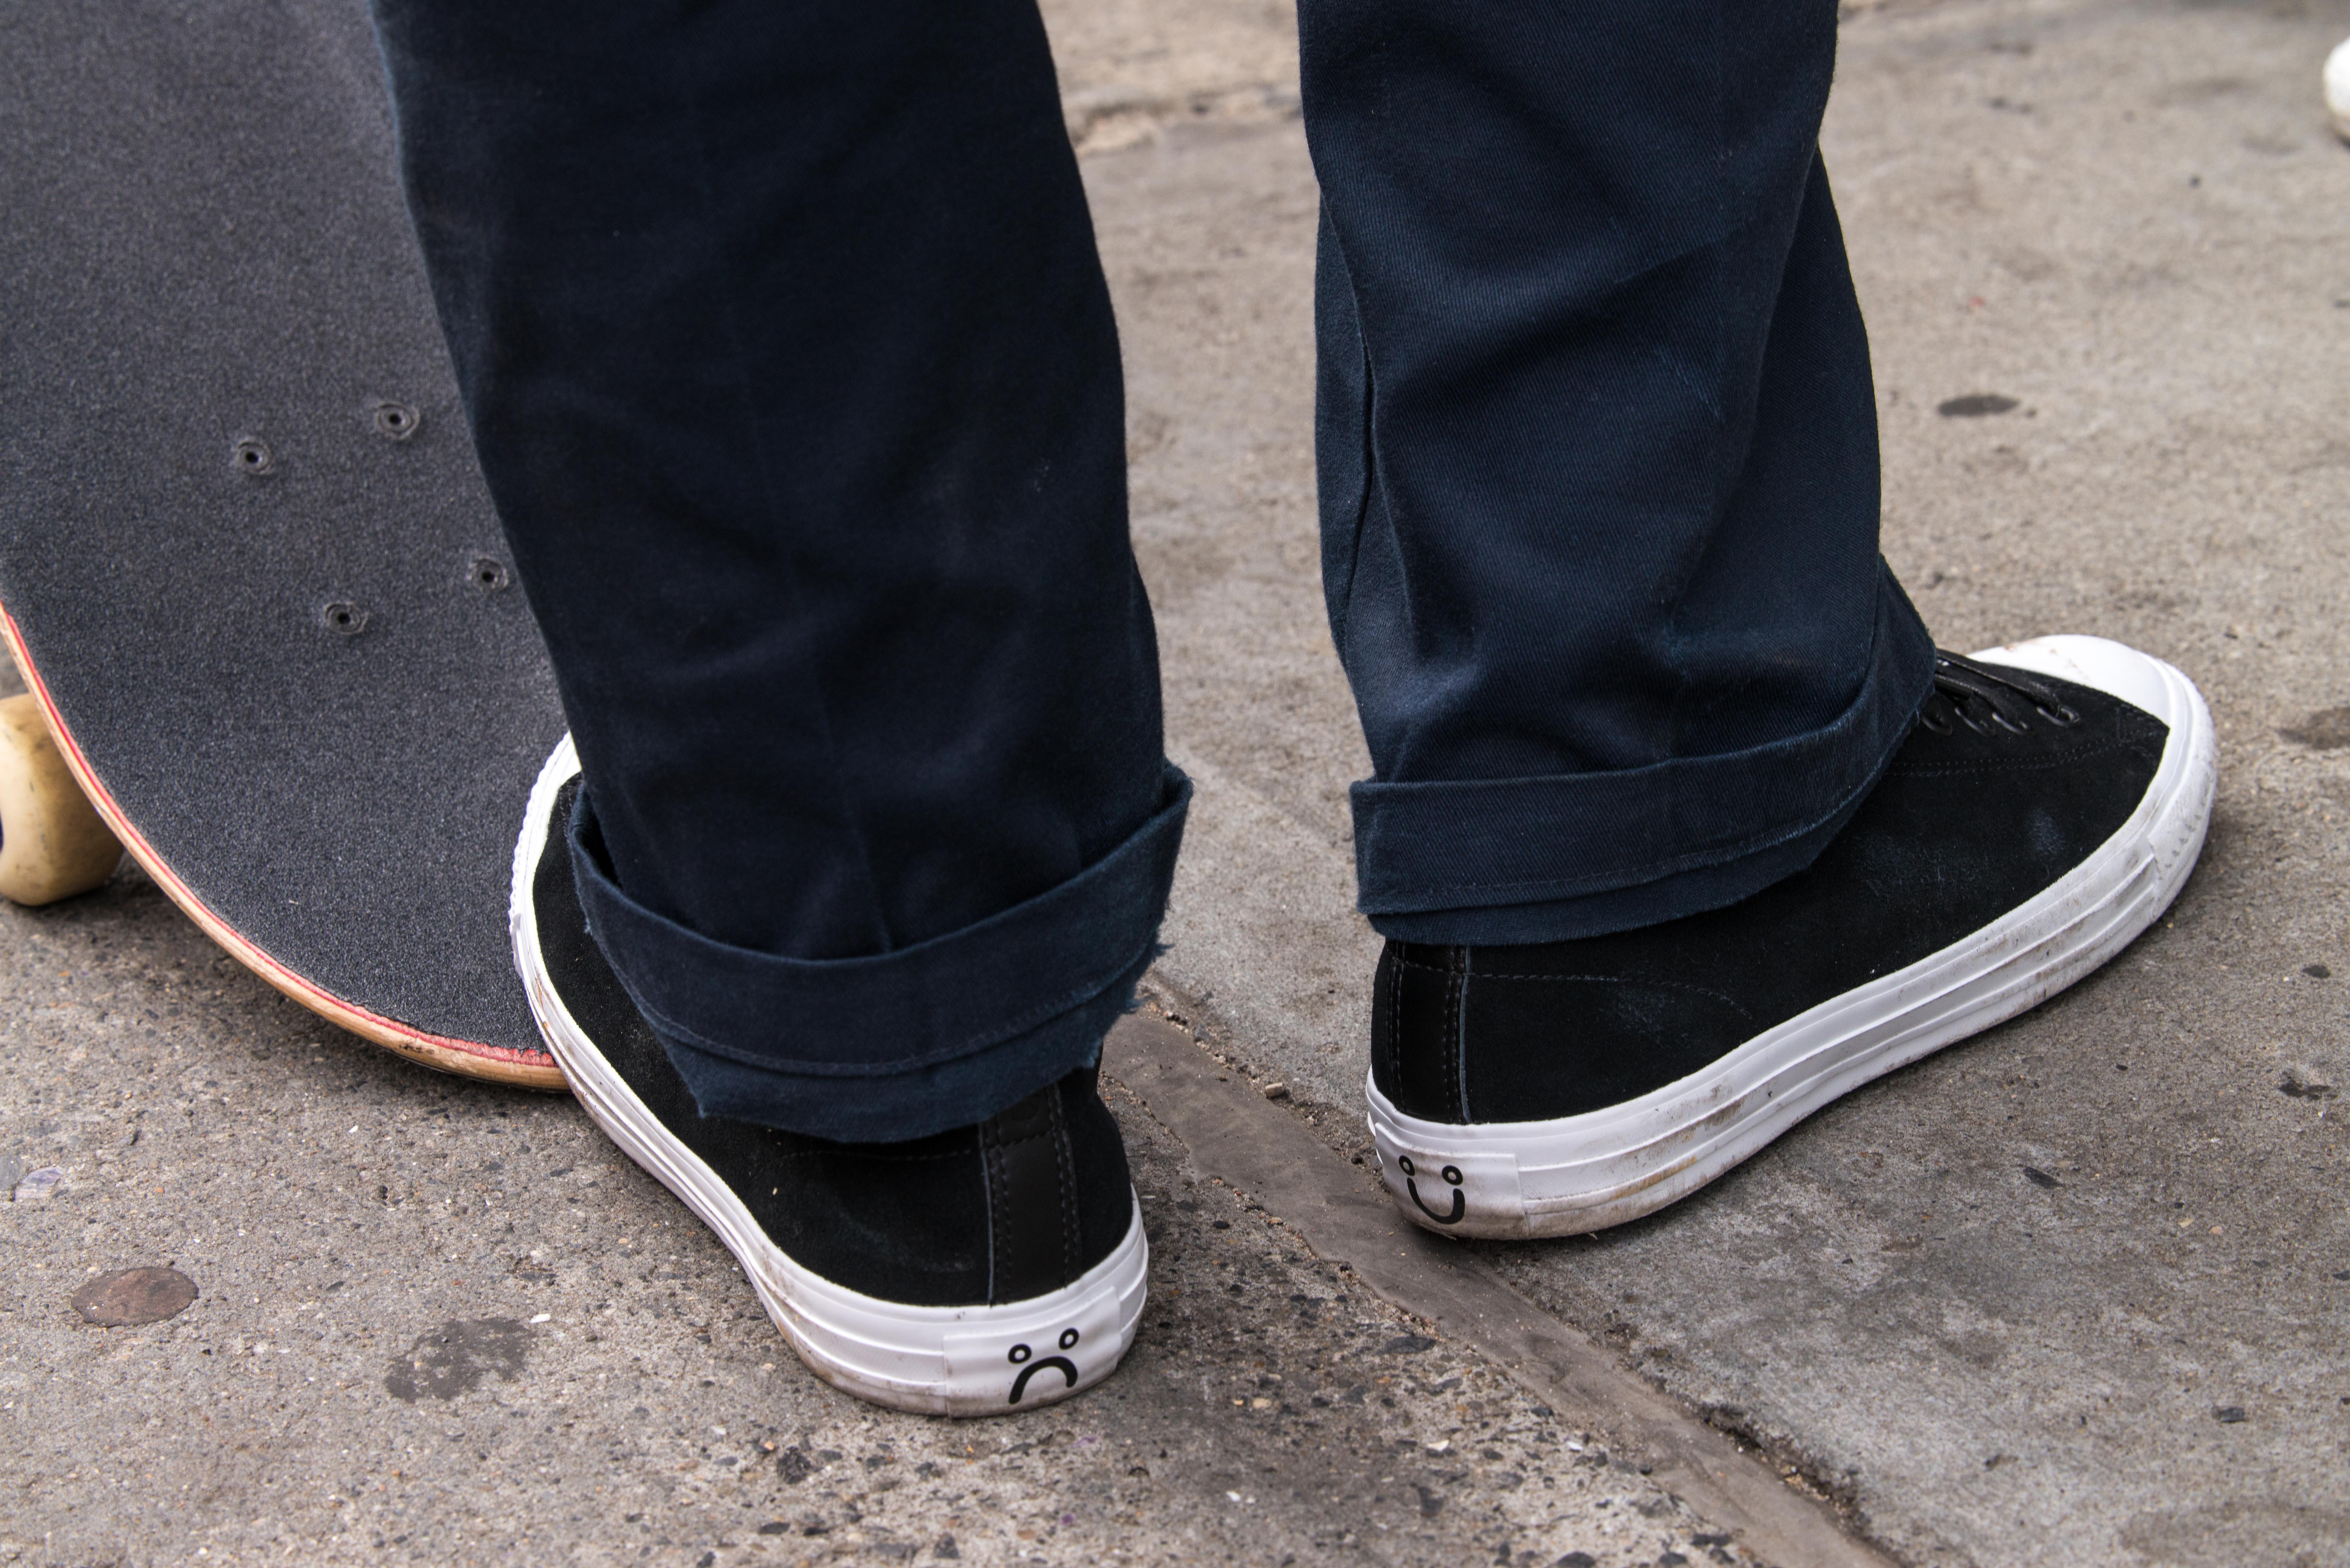 skating in converse